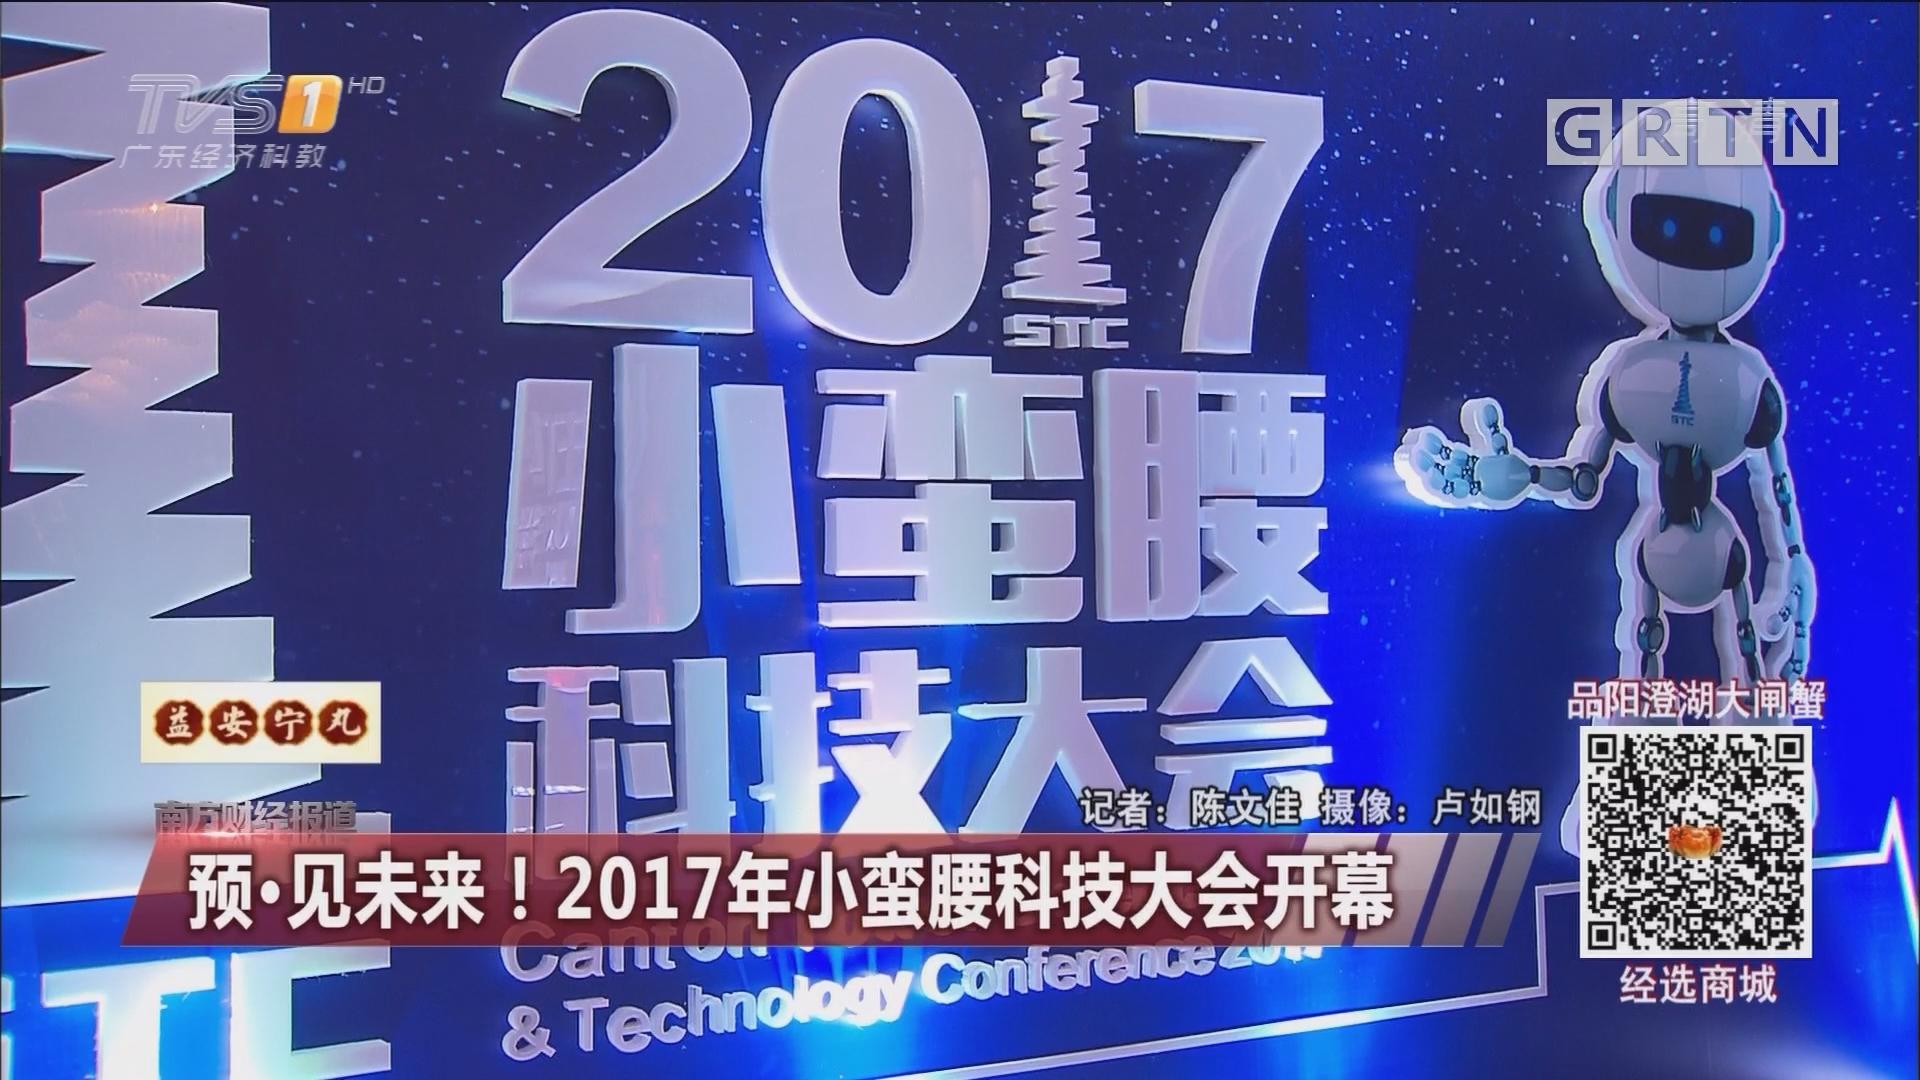 预·见未来!2017年小蛮腰科技大会开幕